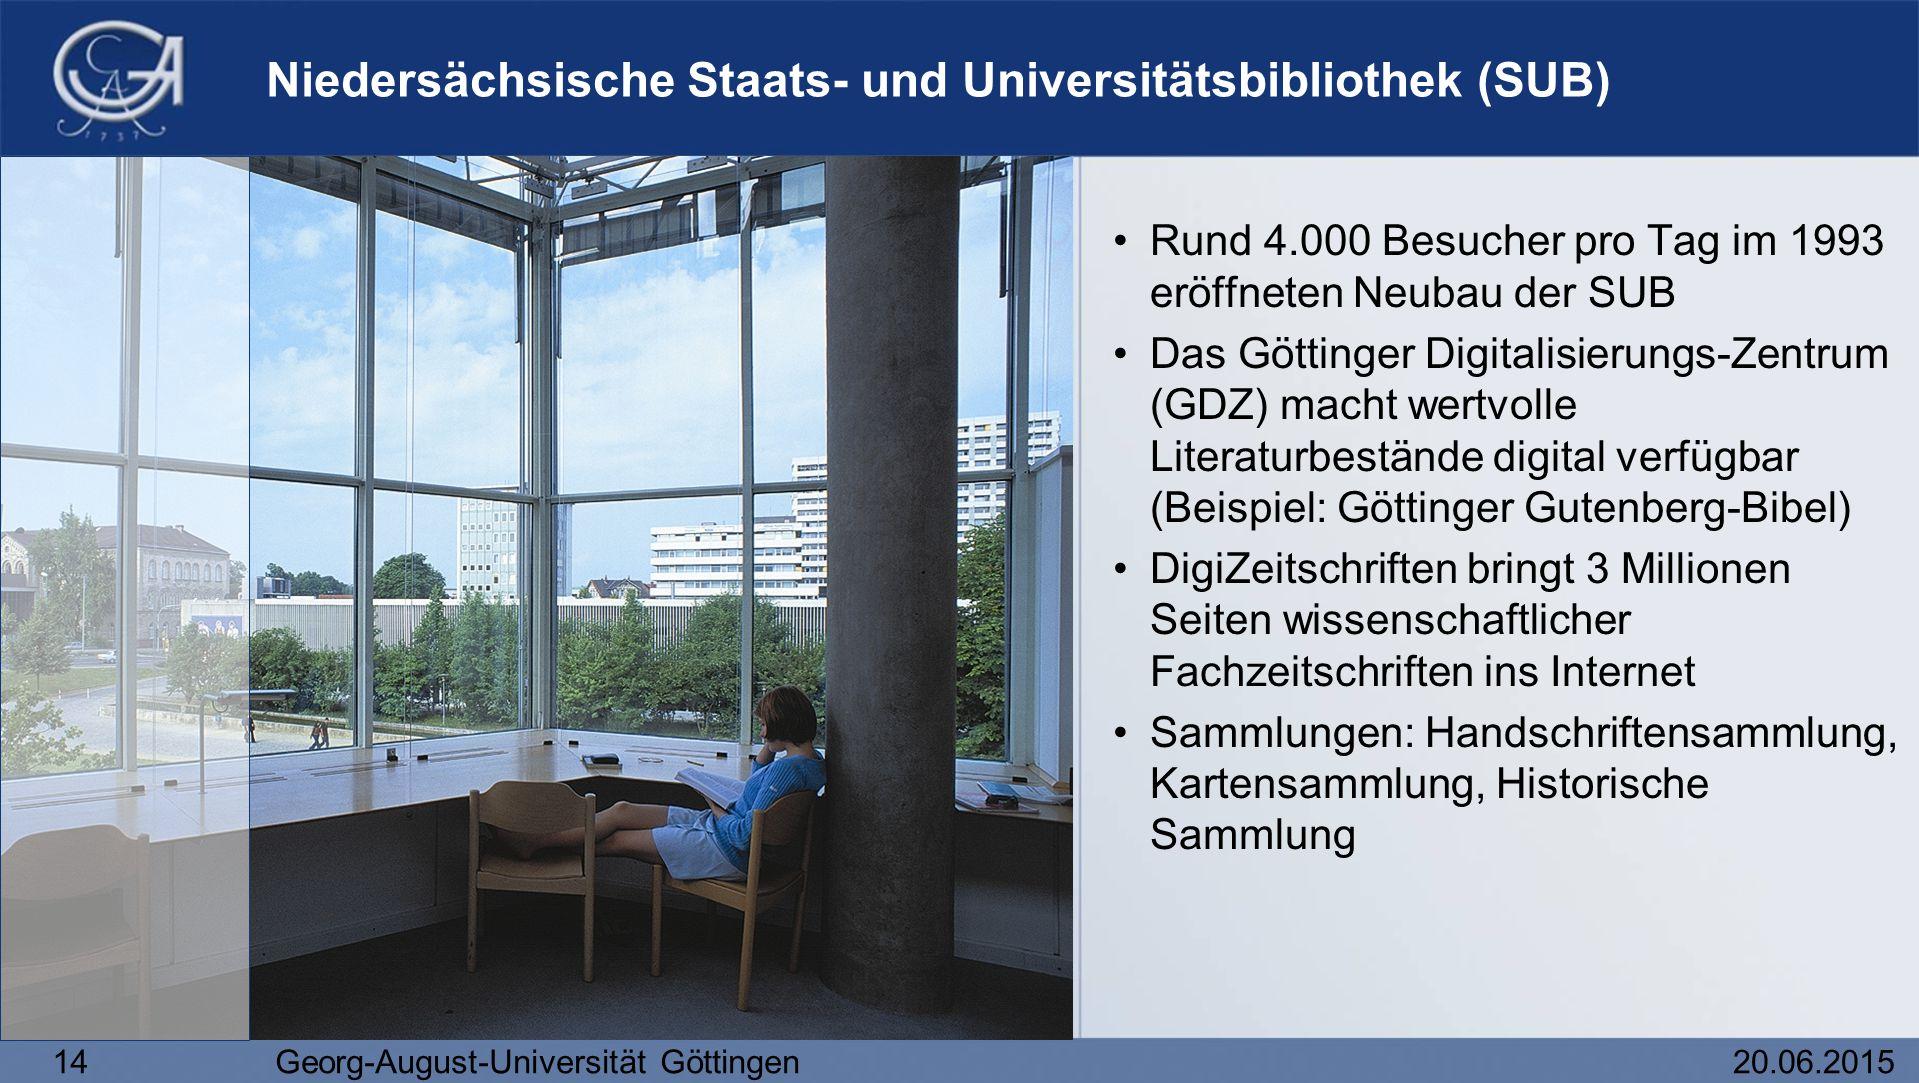 14Georg-August-Universität Göttingen20.06.2015 Niedersächsische Staats- und Universitätsbibliothek (SUB) Rund 4.000 Besucher pro Tag im 1993 eröffnete